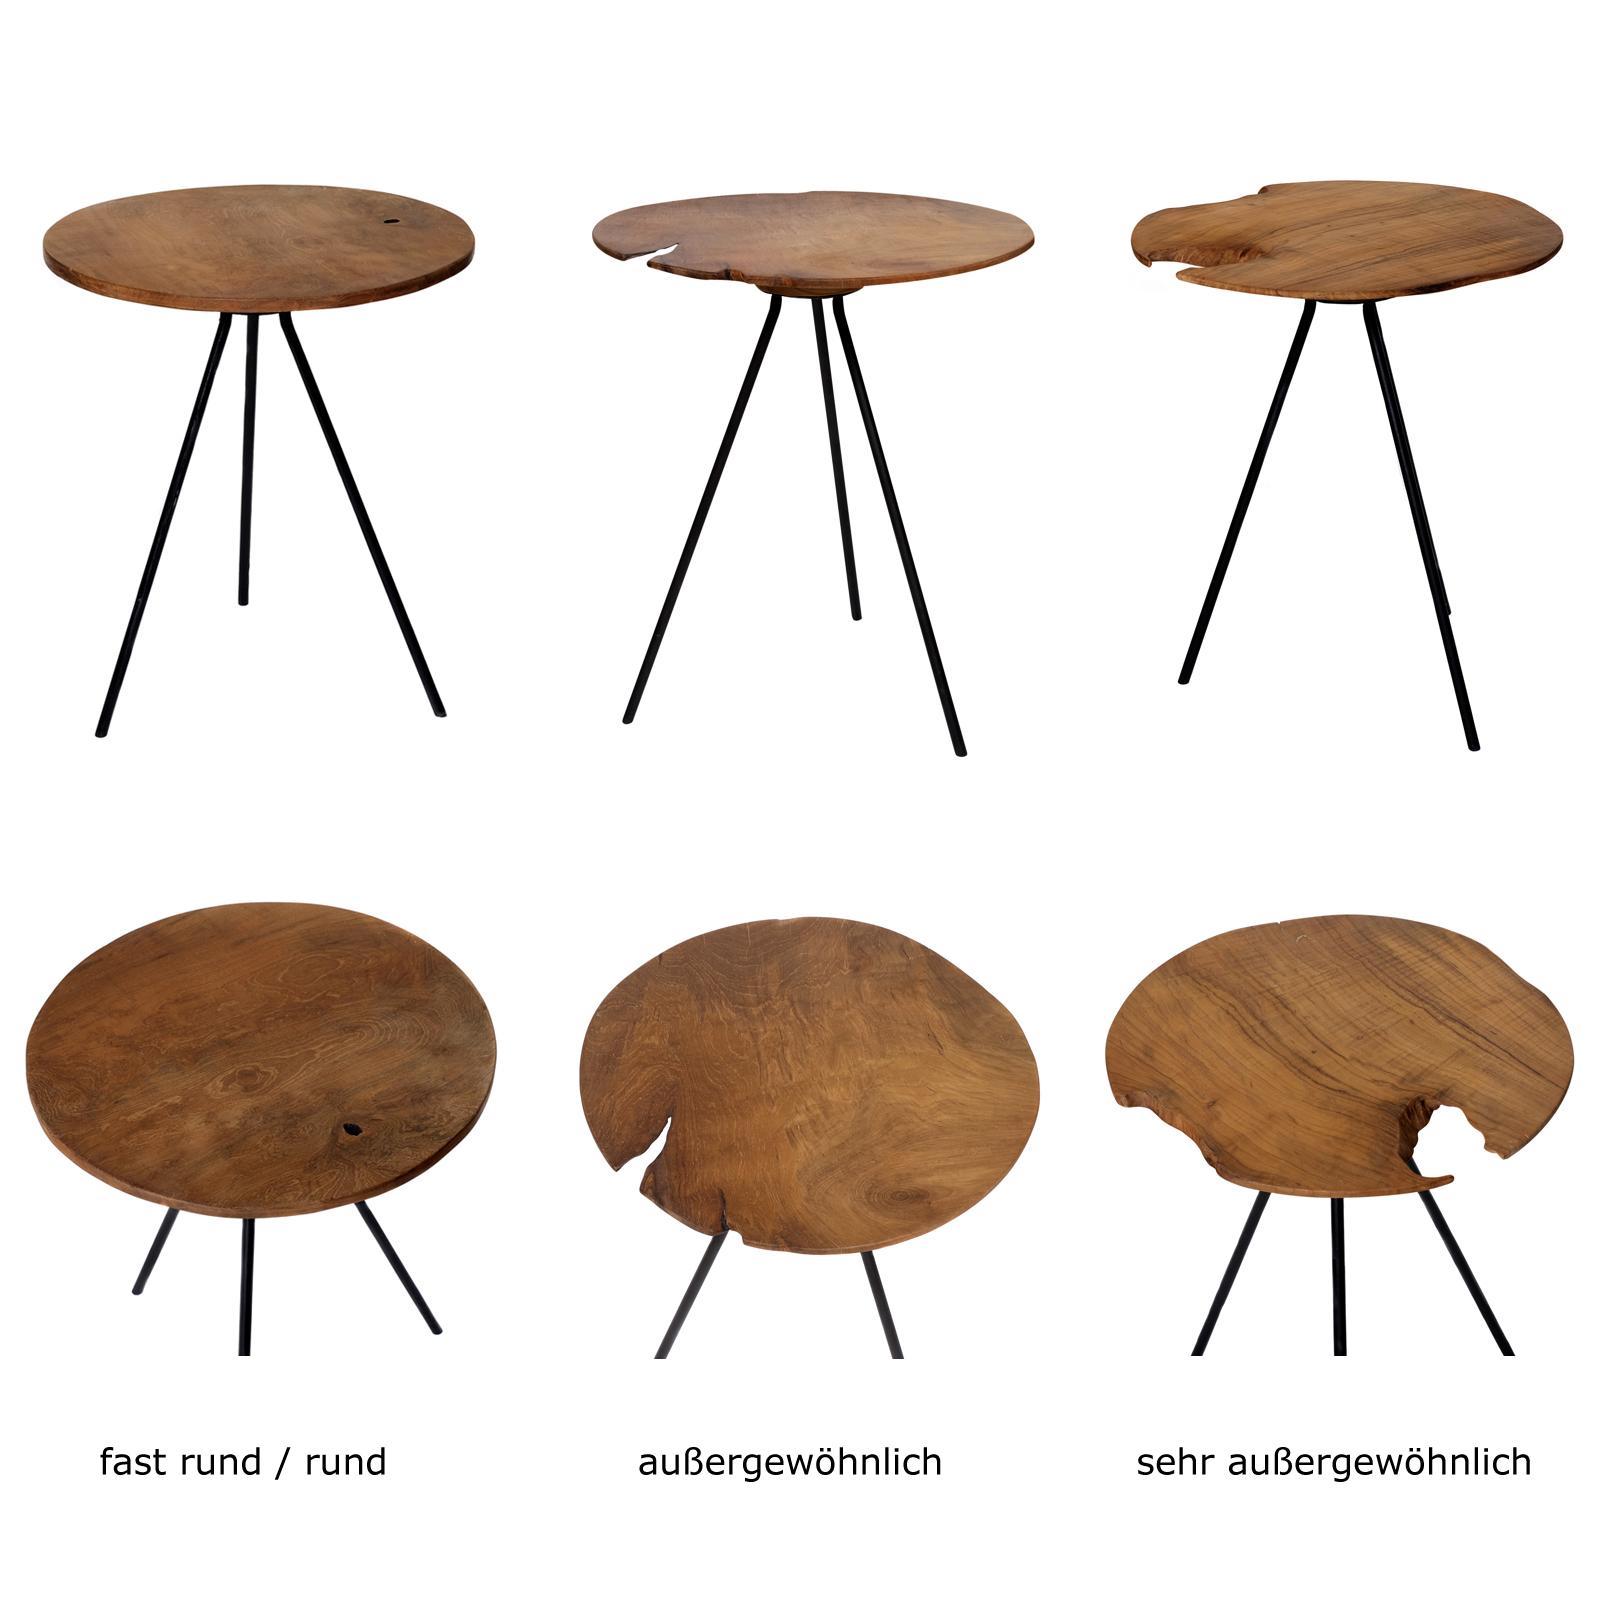 beistelltisch rund glas holz beste bildideen zu hause design. Black Bedroom Furniture Sets. Home Design Ideas